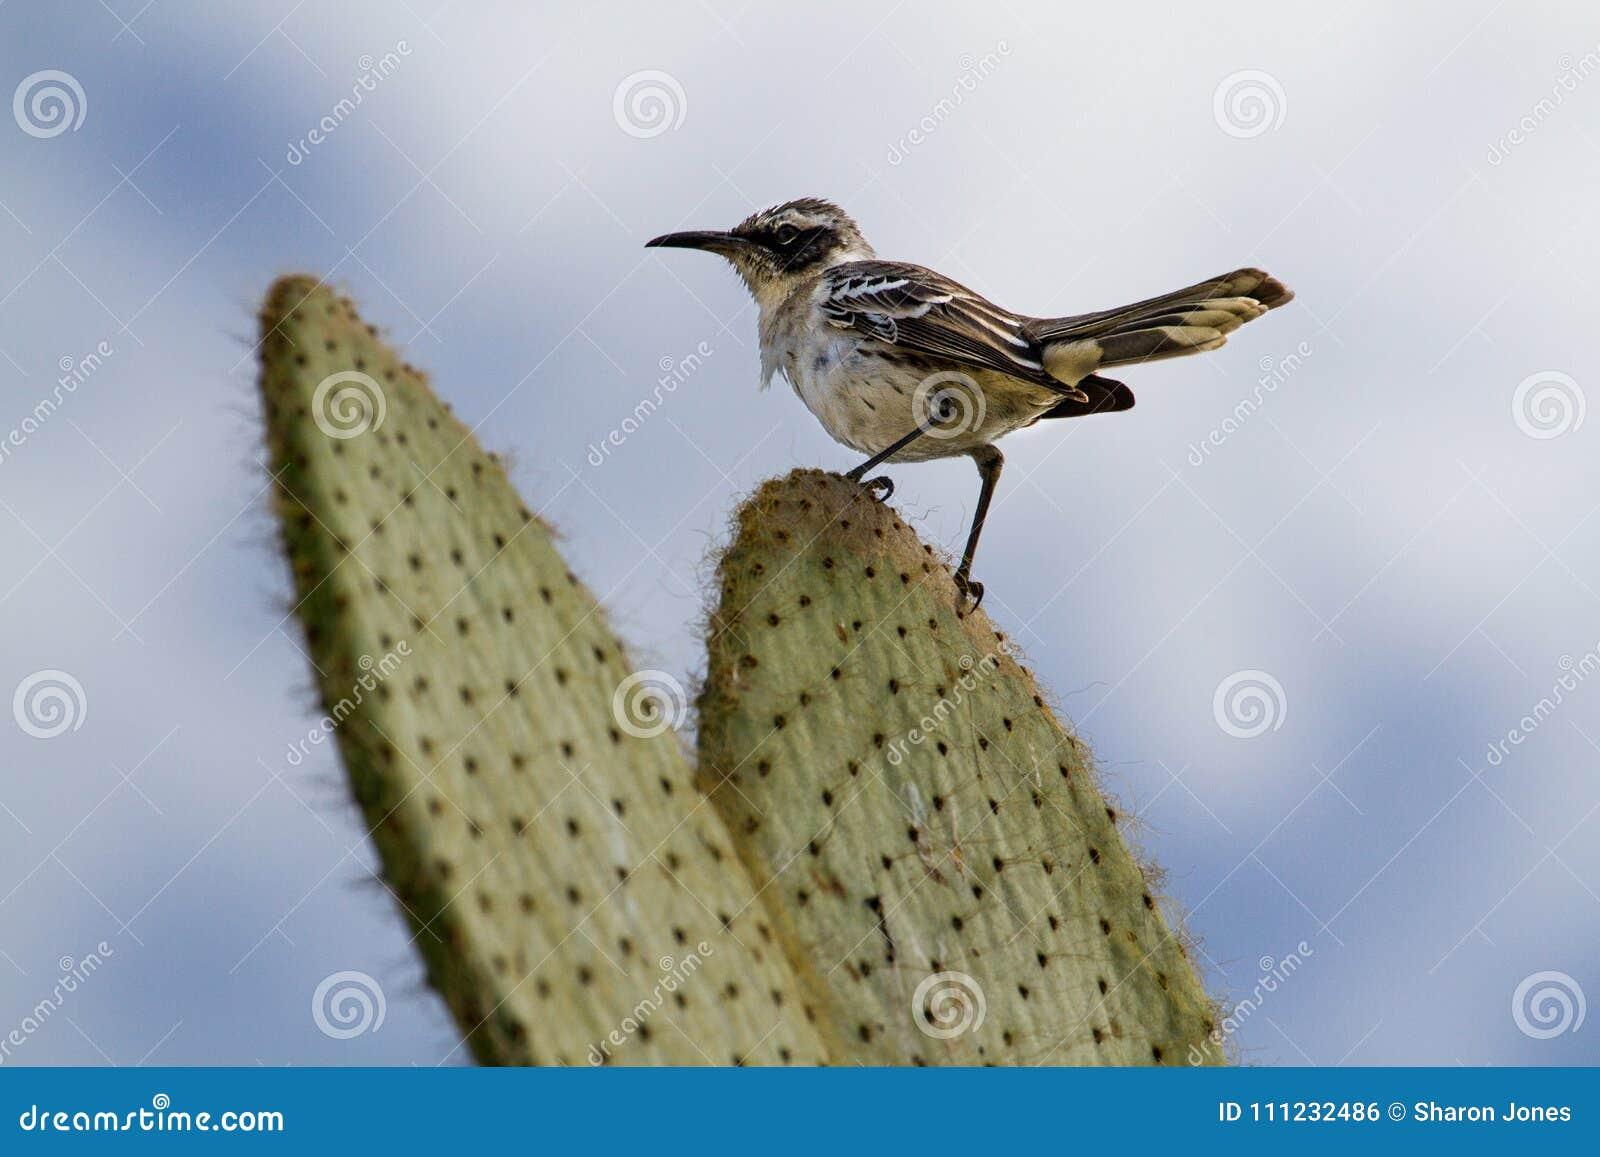 加拉帕戈斯模仿鸟Mimus parvulus,赫诺韦萨岛,加拉帕戈斯群岛,厄瓜多尔